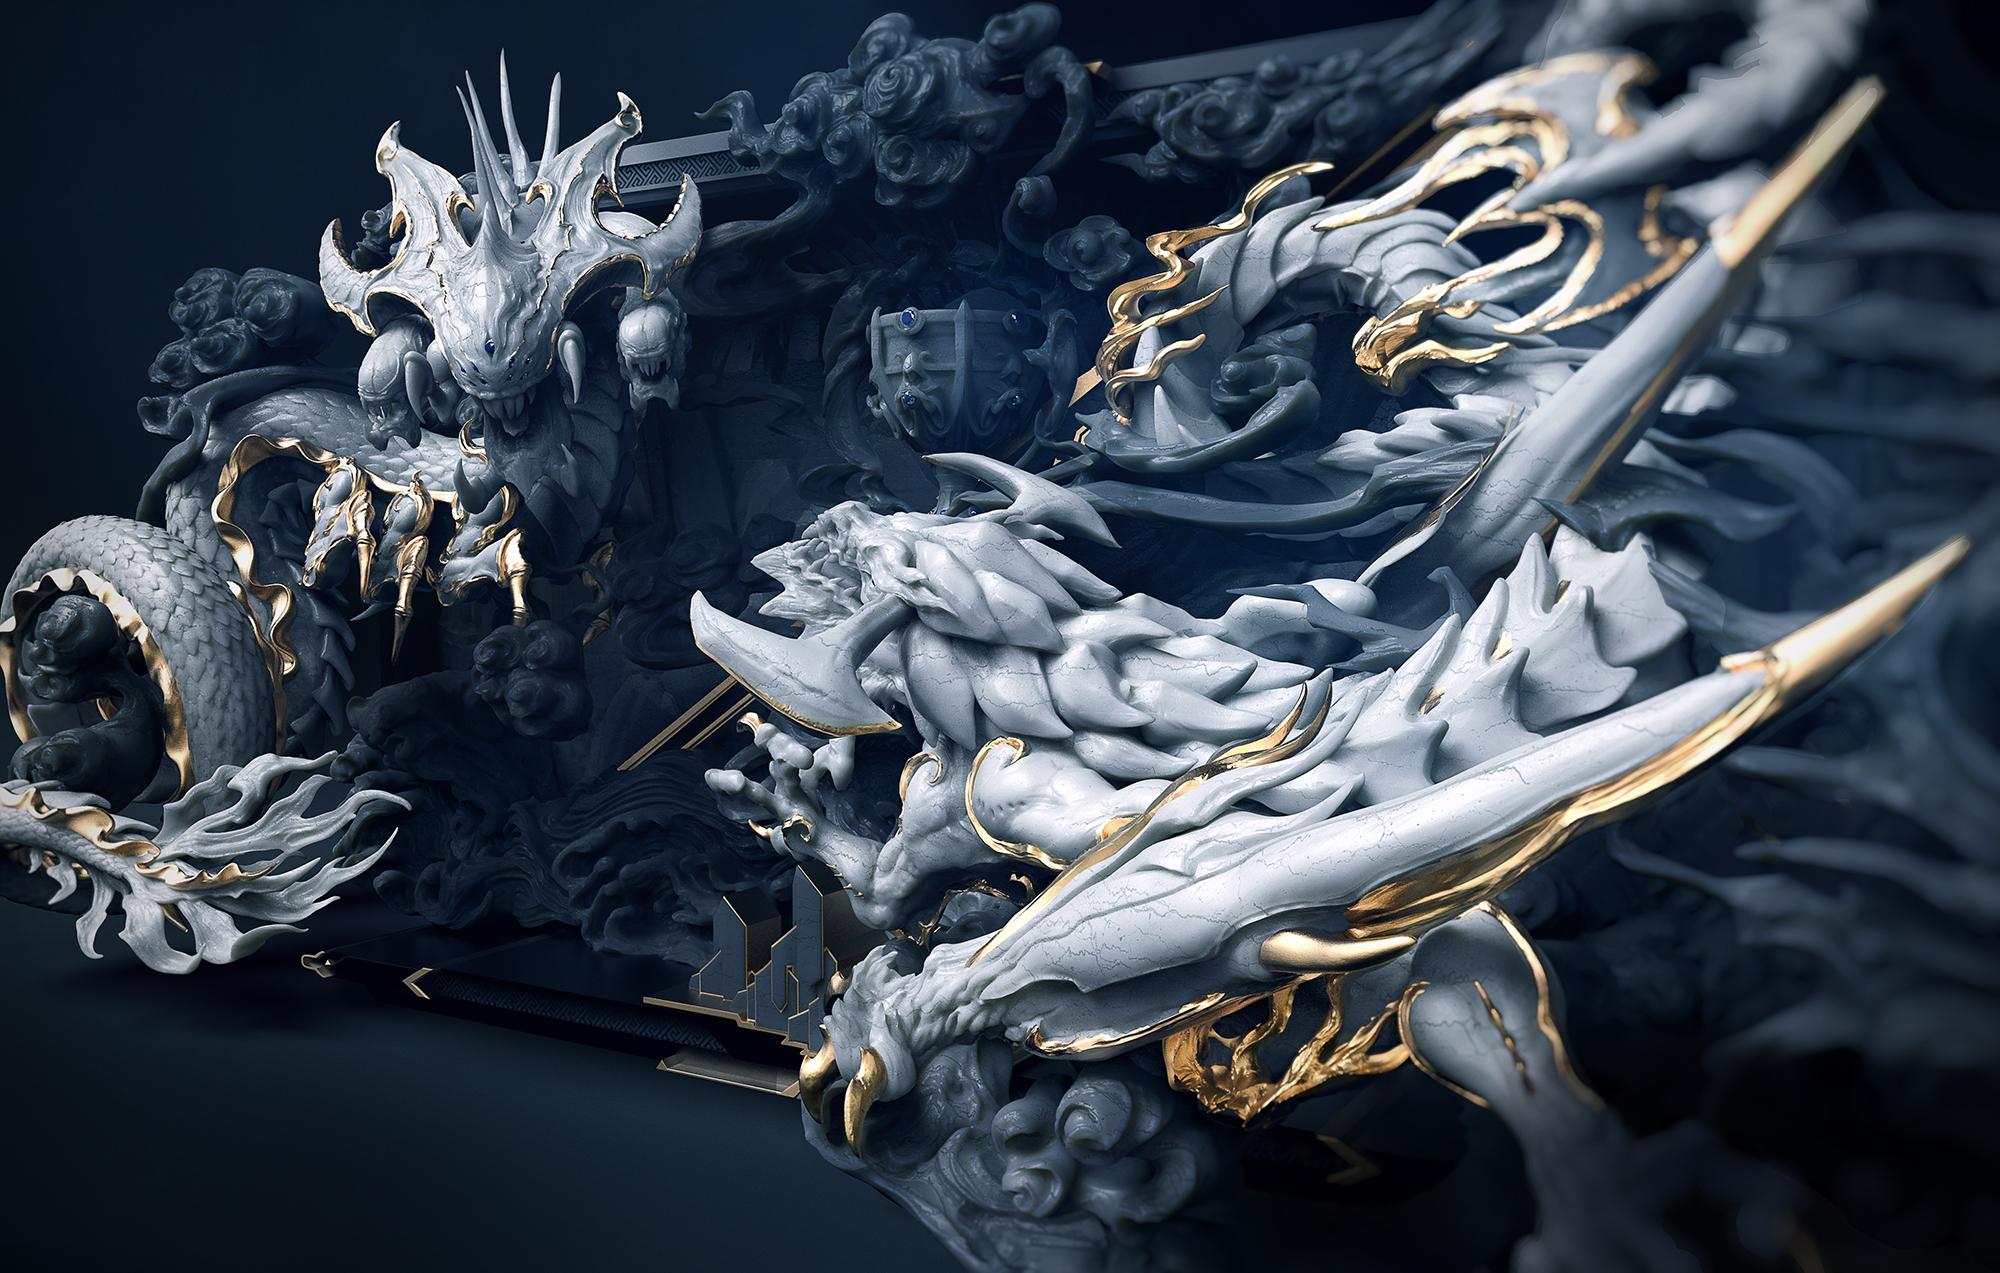 Baron_x_Dragon_Aggressive_Angle